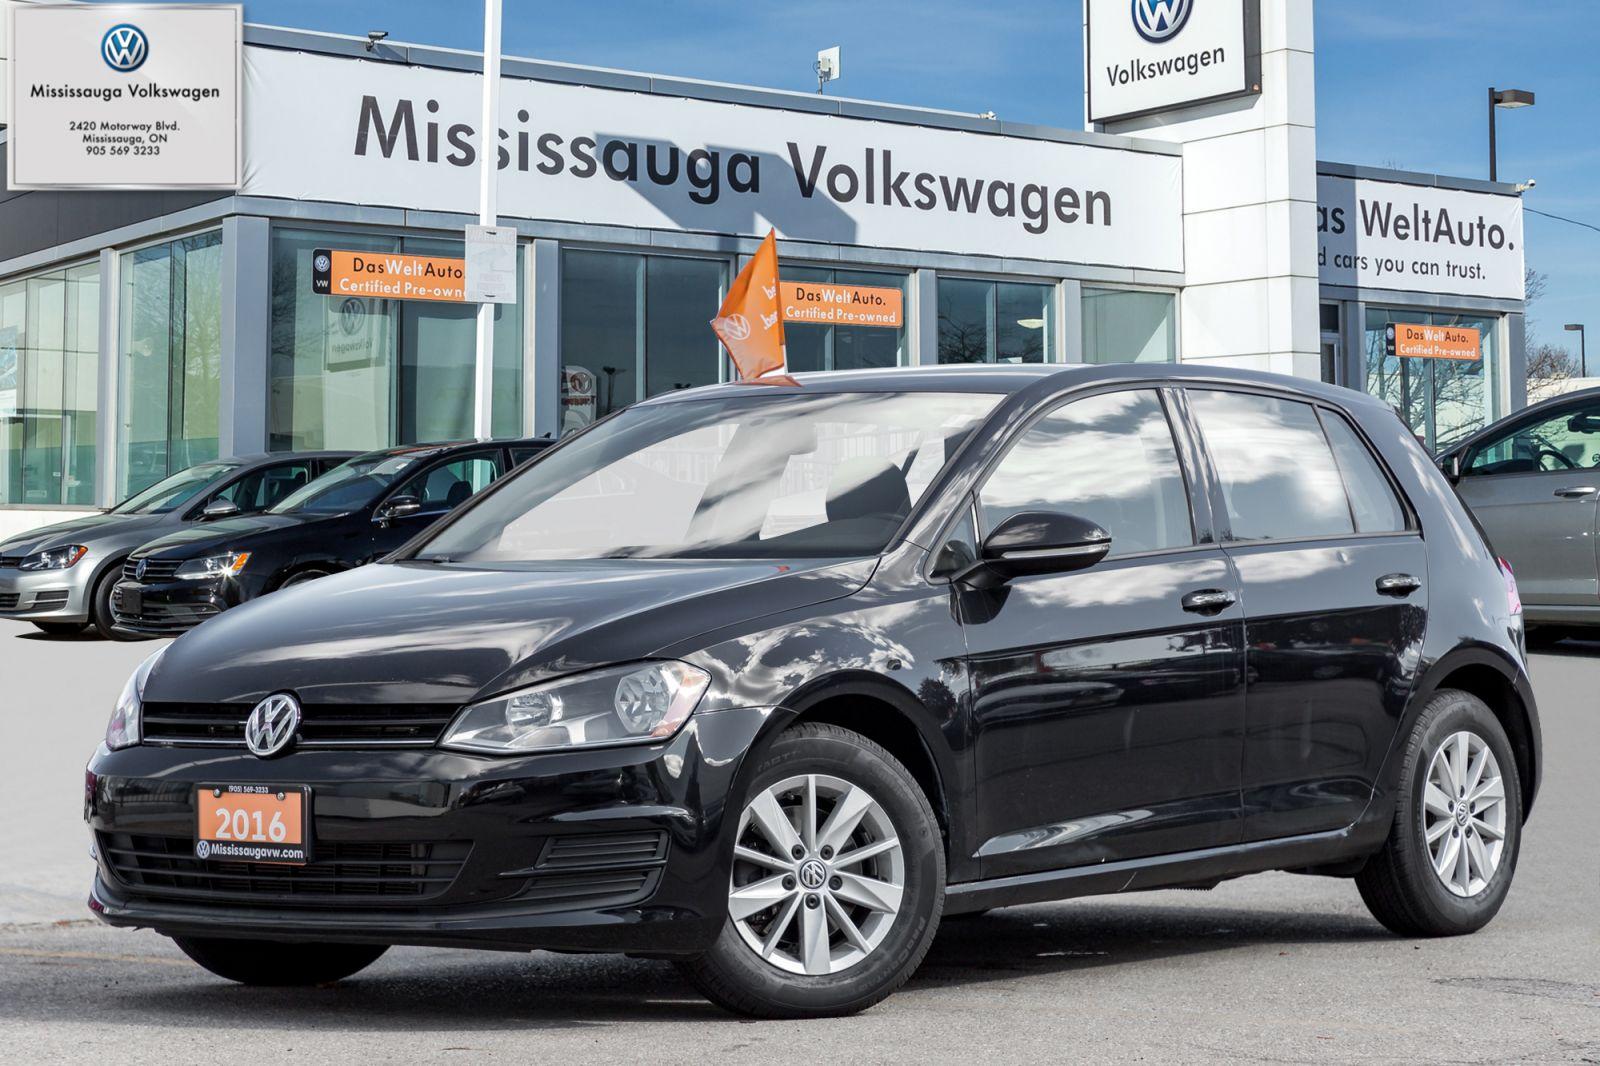 2016 Volkswagen Golf Image